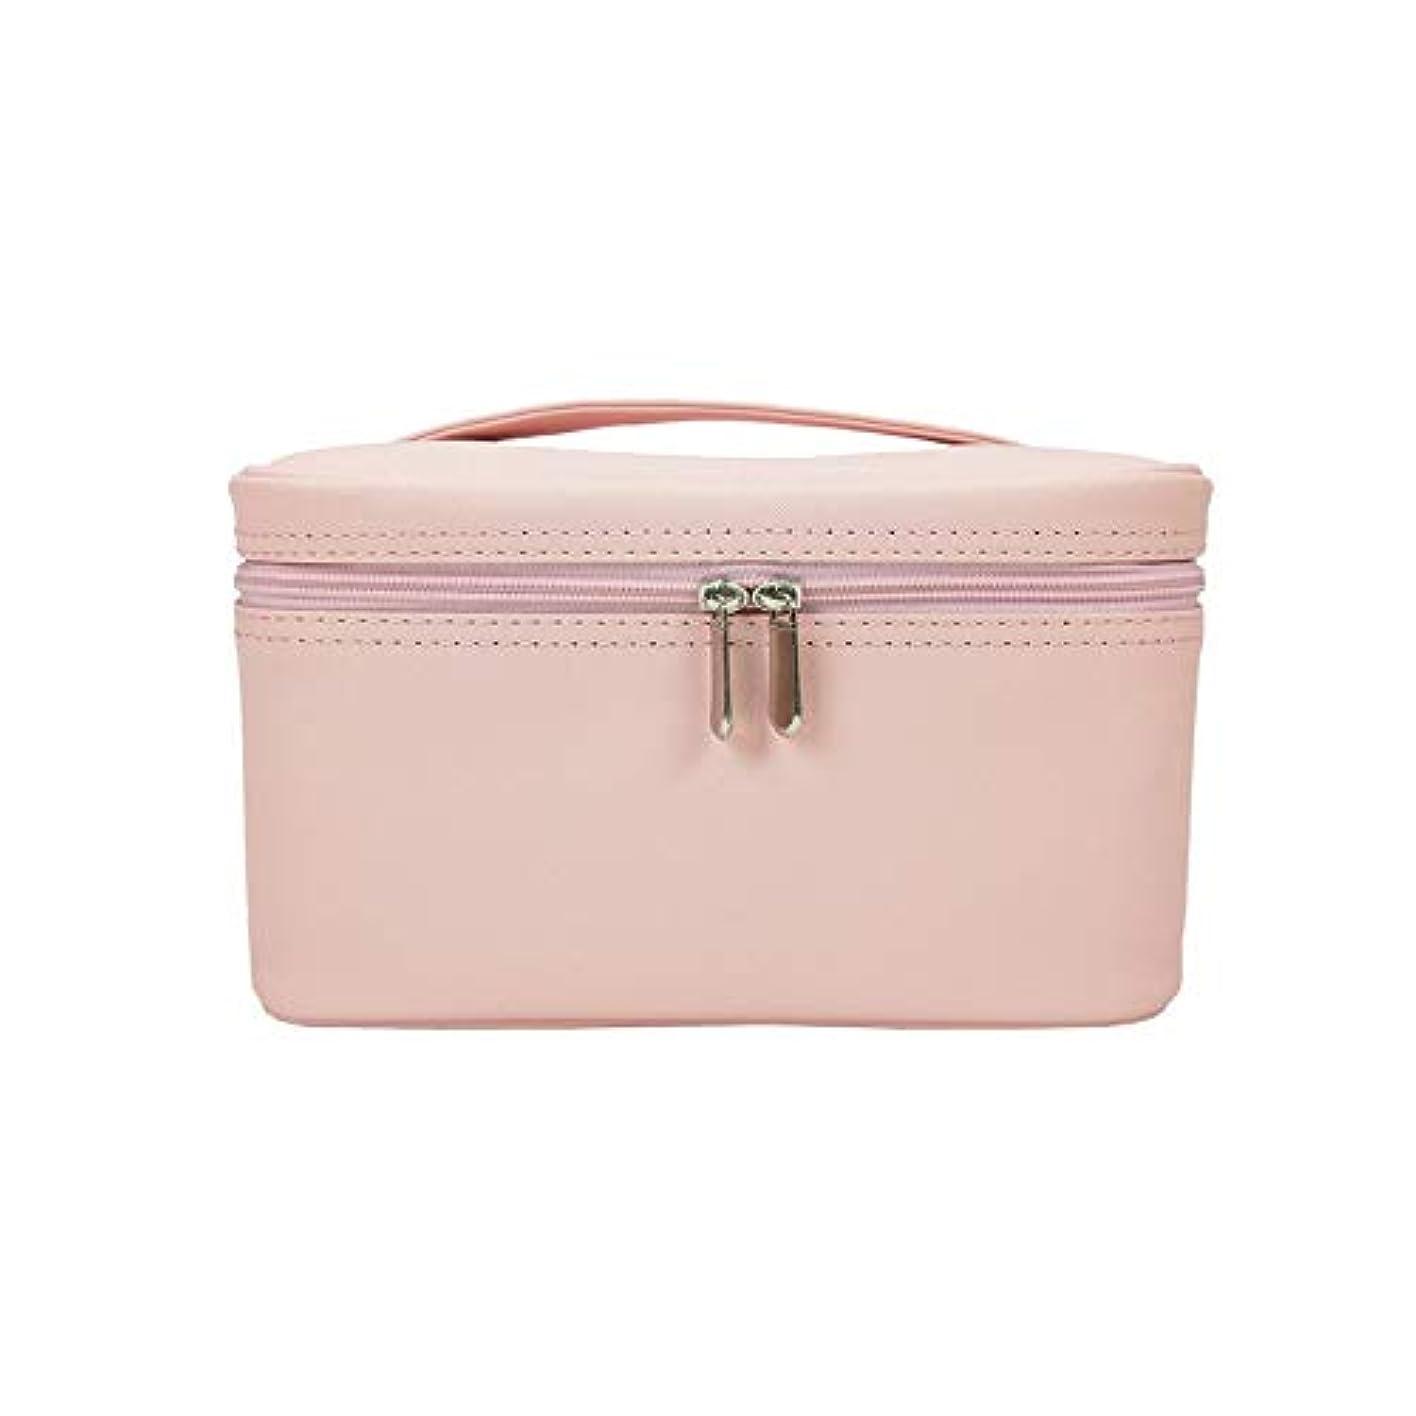 終了するズボン幸運な特大スペース収納ビューティーボックス 女の子の女性旅行のための新しく、実用的な携帯用化粧箱およびロックおよび皿が付いている毎日の貯蔵 化粧品化粧台 (色 : ピンク)